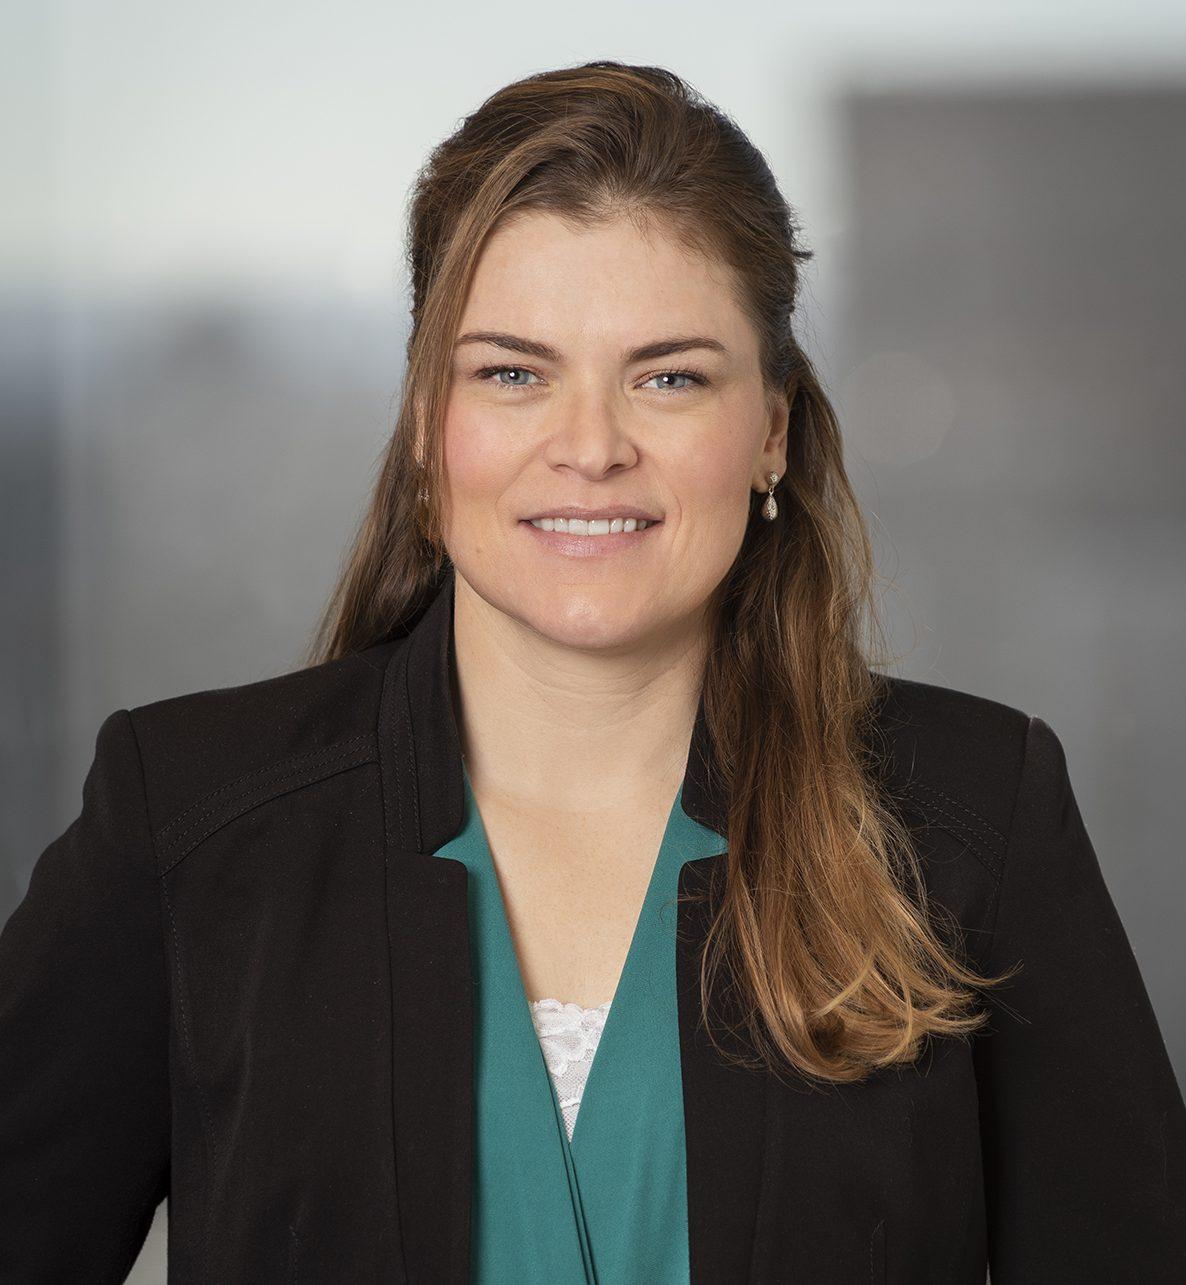 Sarah J. Schneider